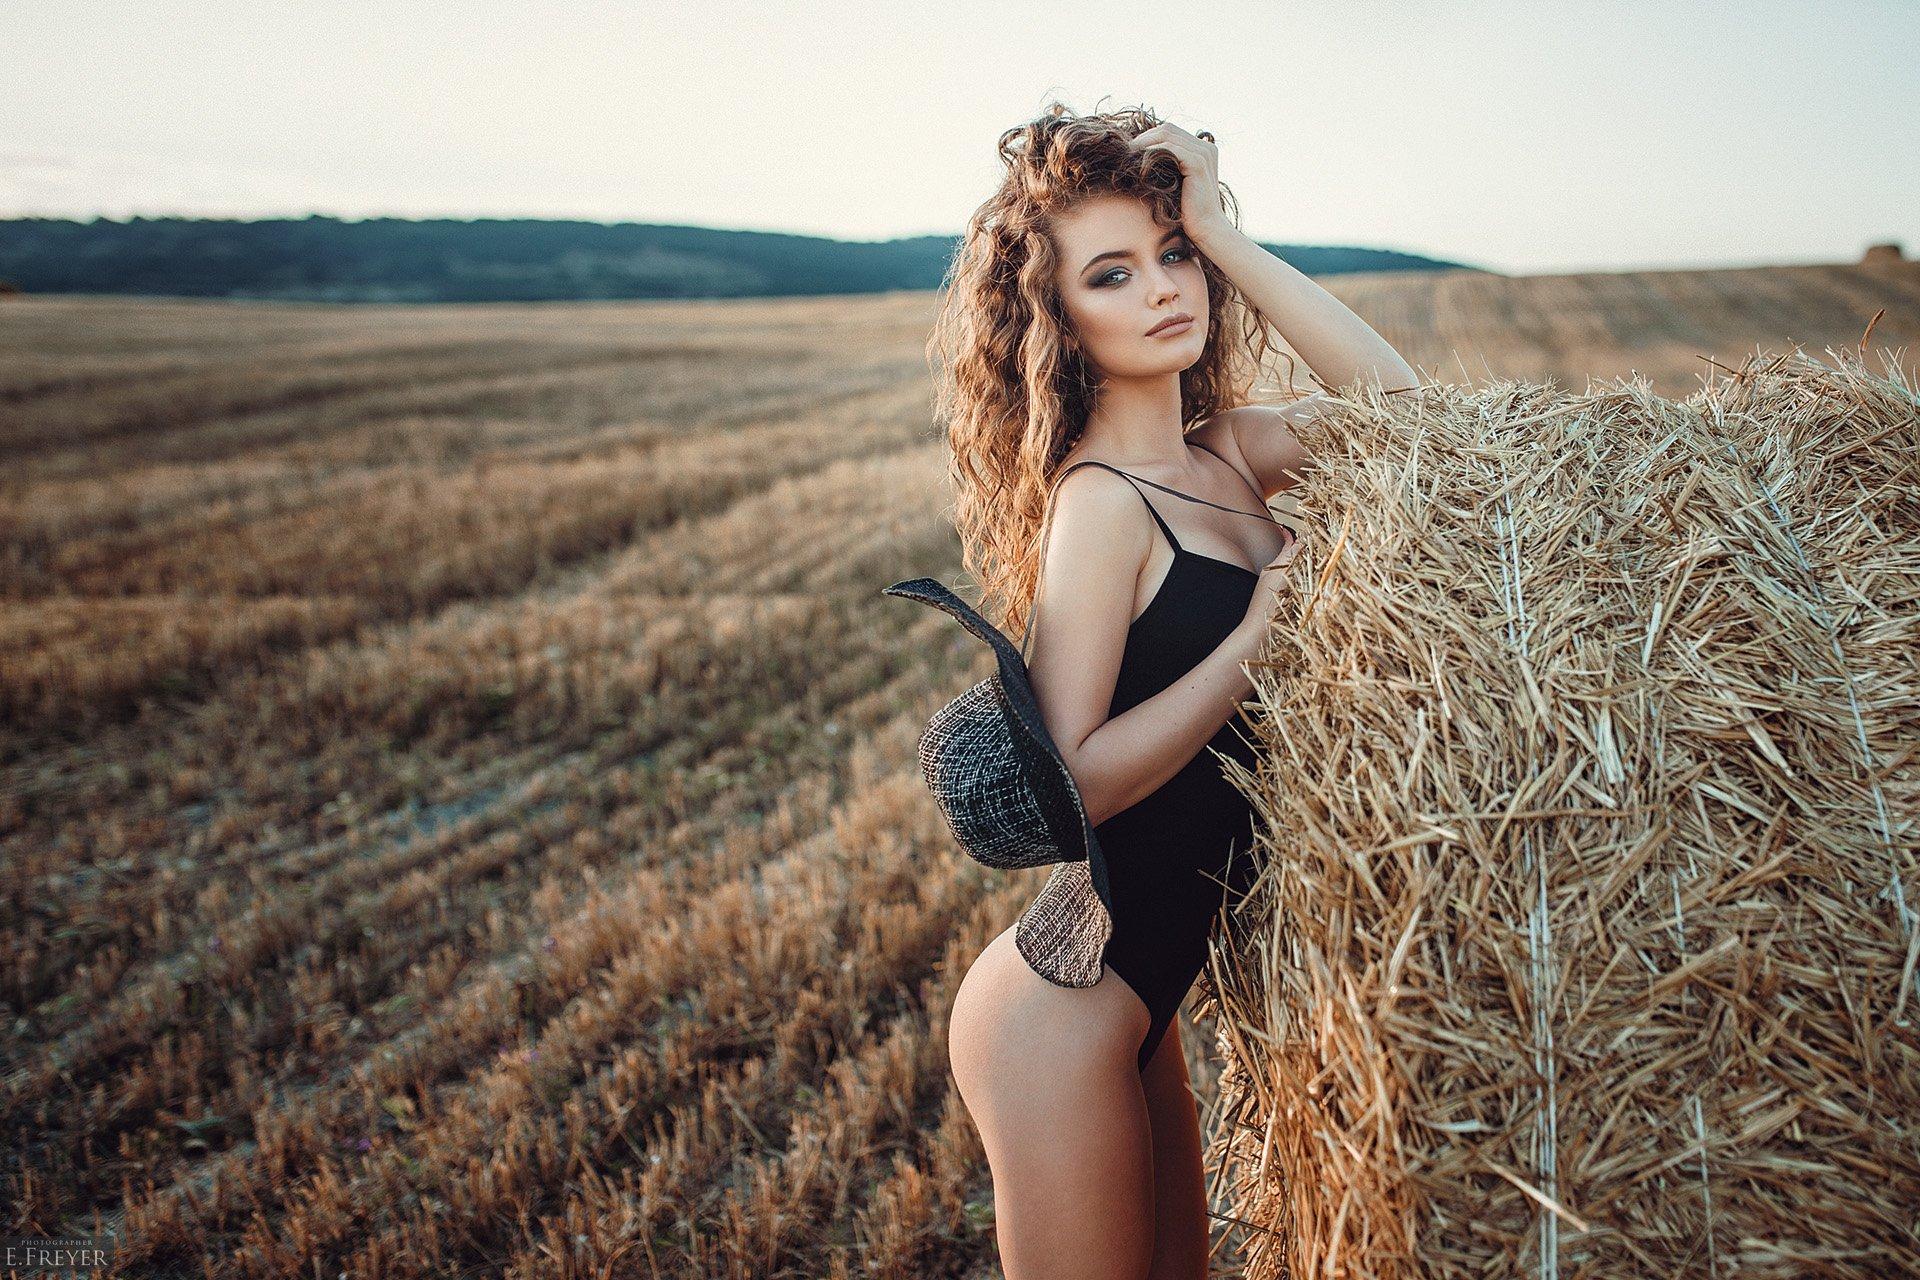 , Фрейер Евгений